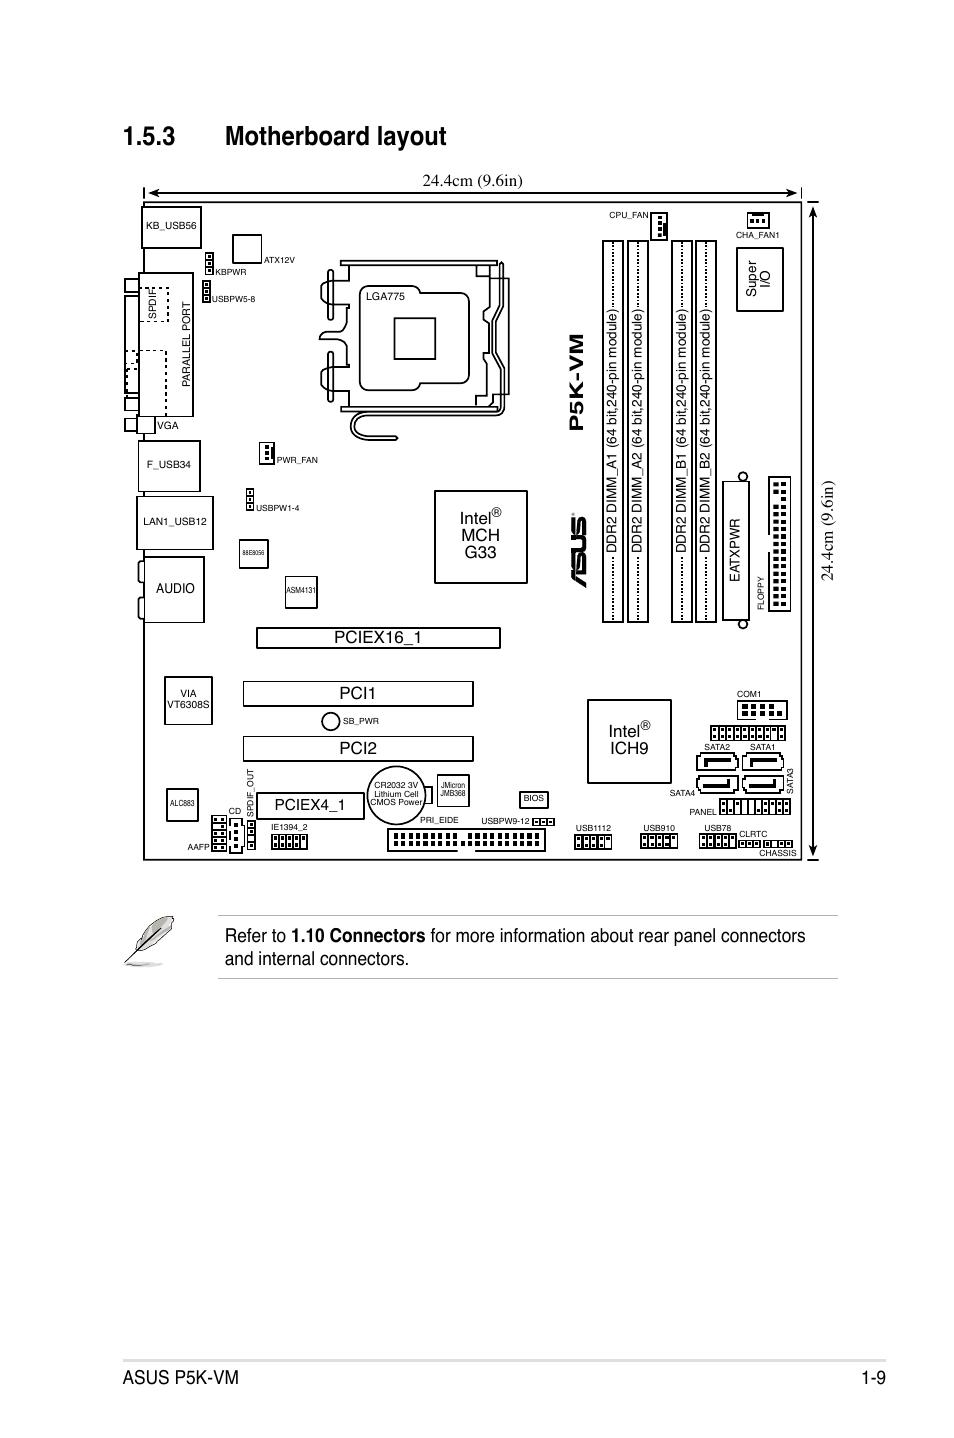 ASUS P5K-VM MANUAL PDF